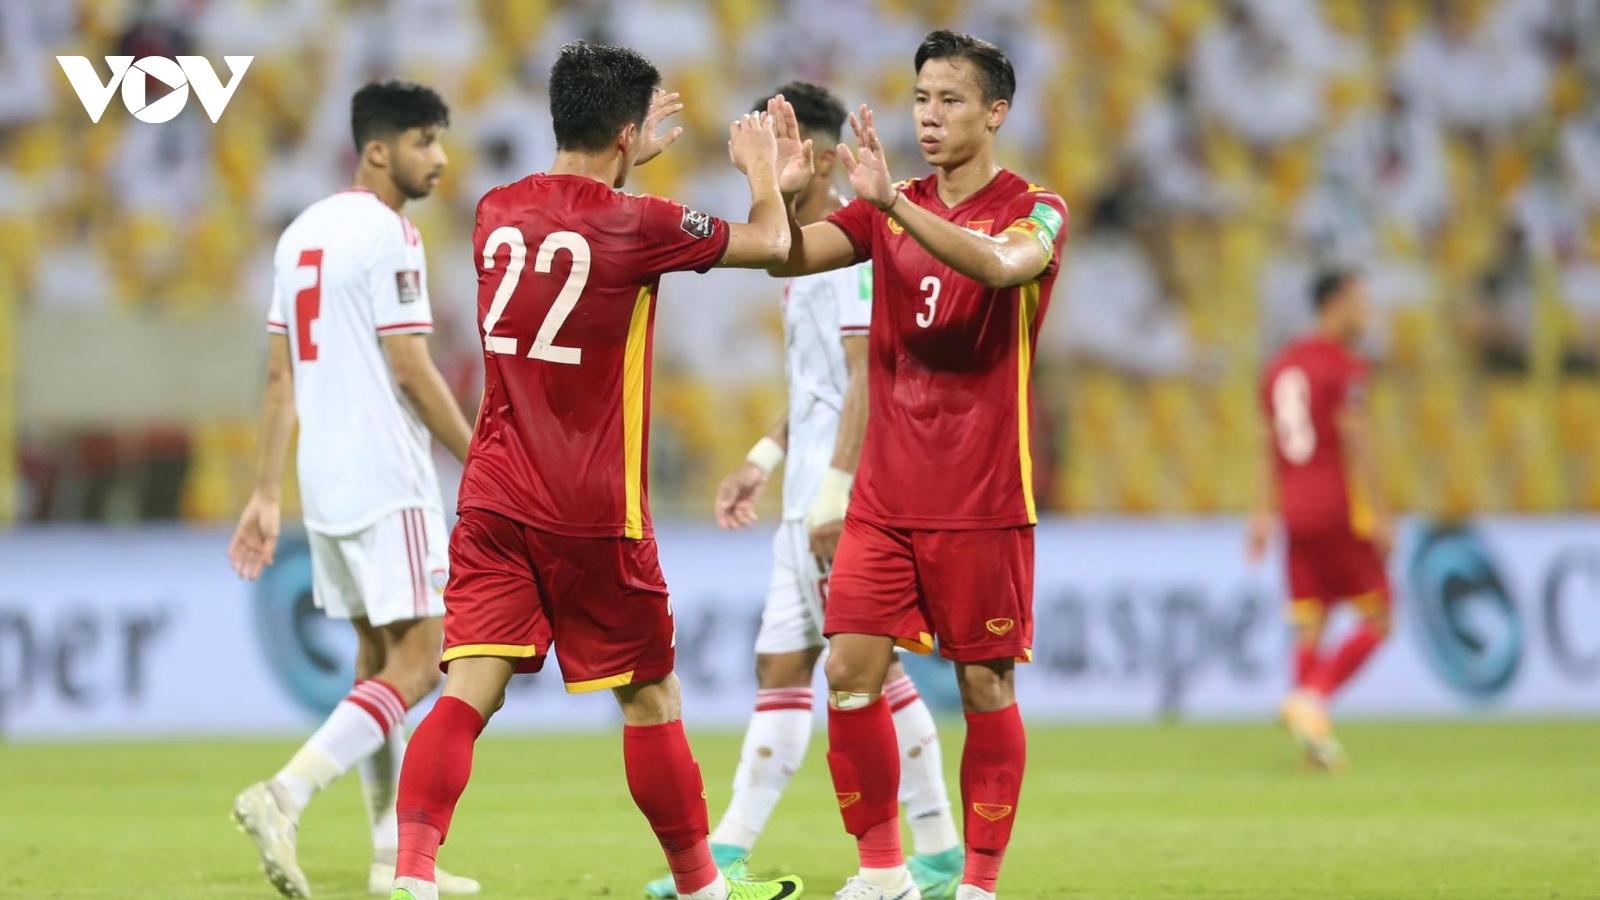 Bảng xếp hạng 12 đội dự vòng loại thứ 3 World Cup 2022: ĐT Việt Nam bất gặp lợi